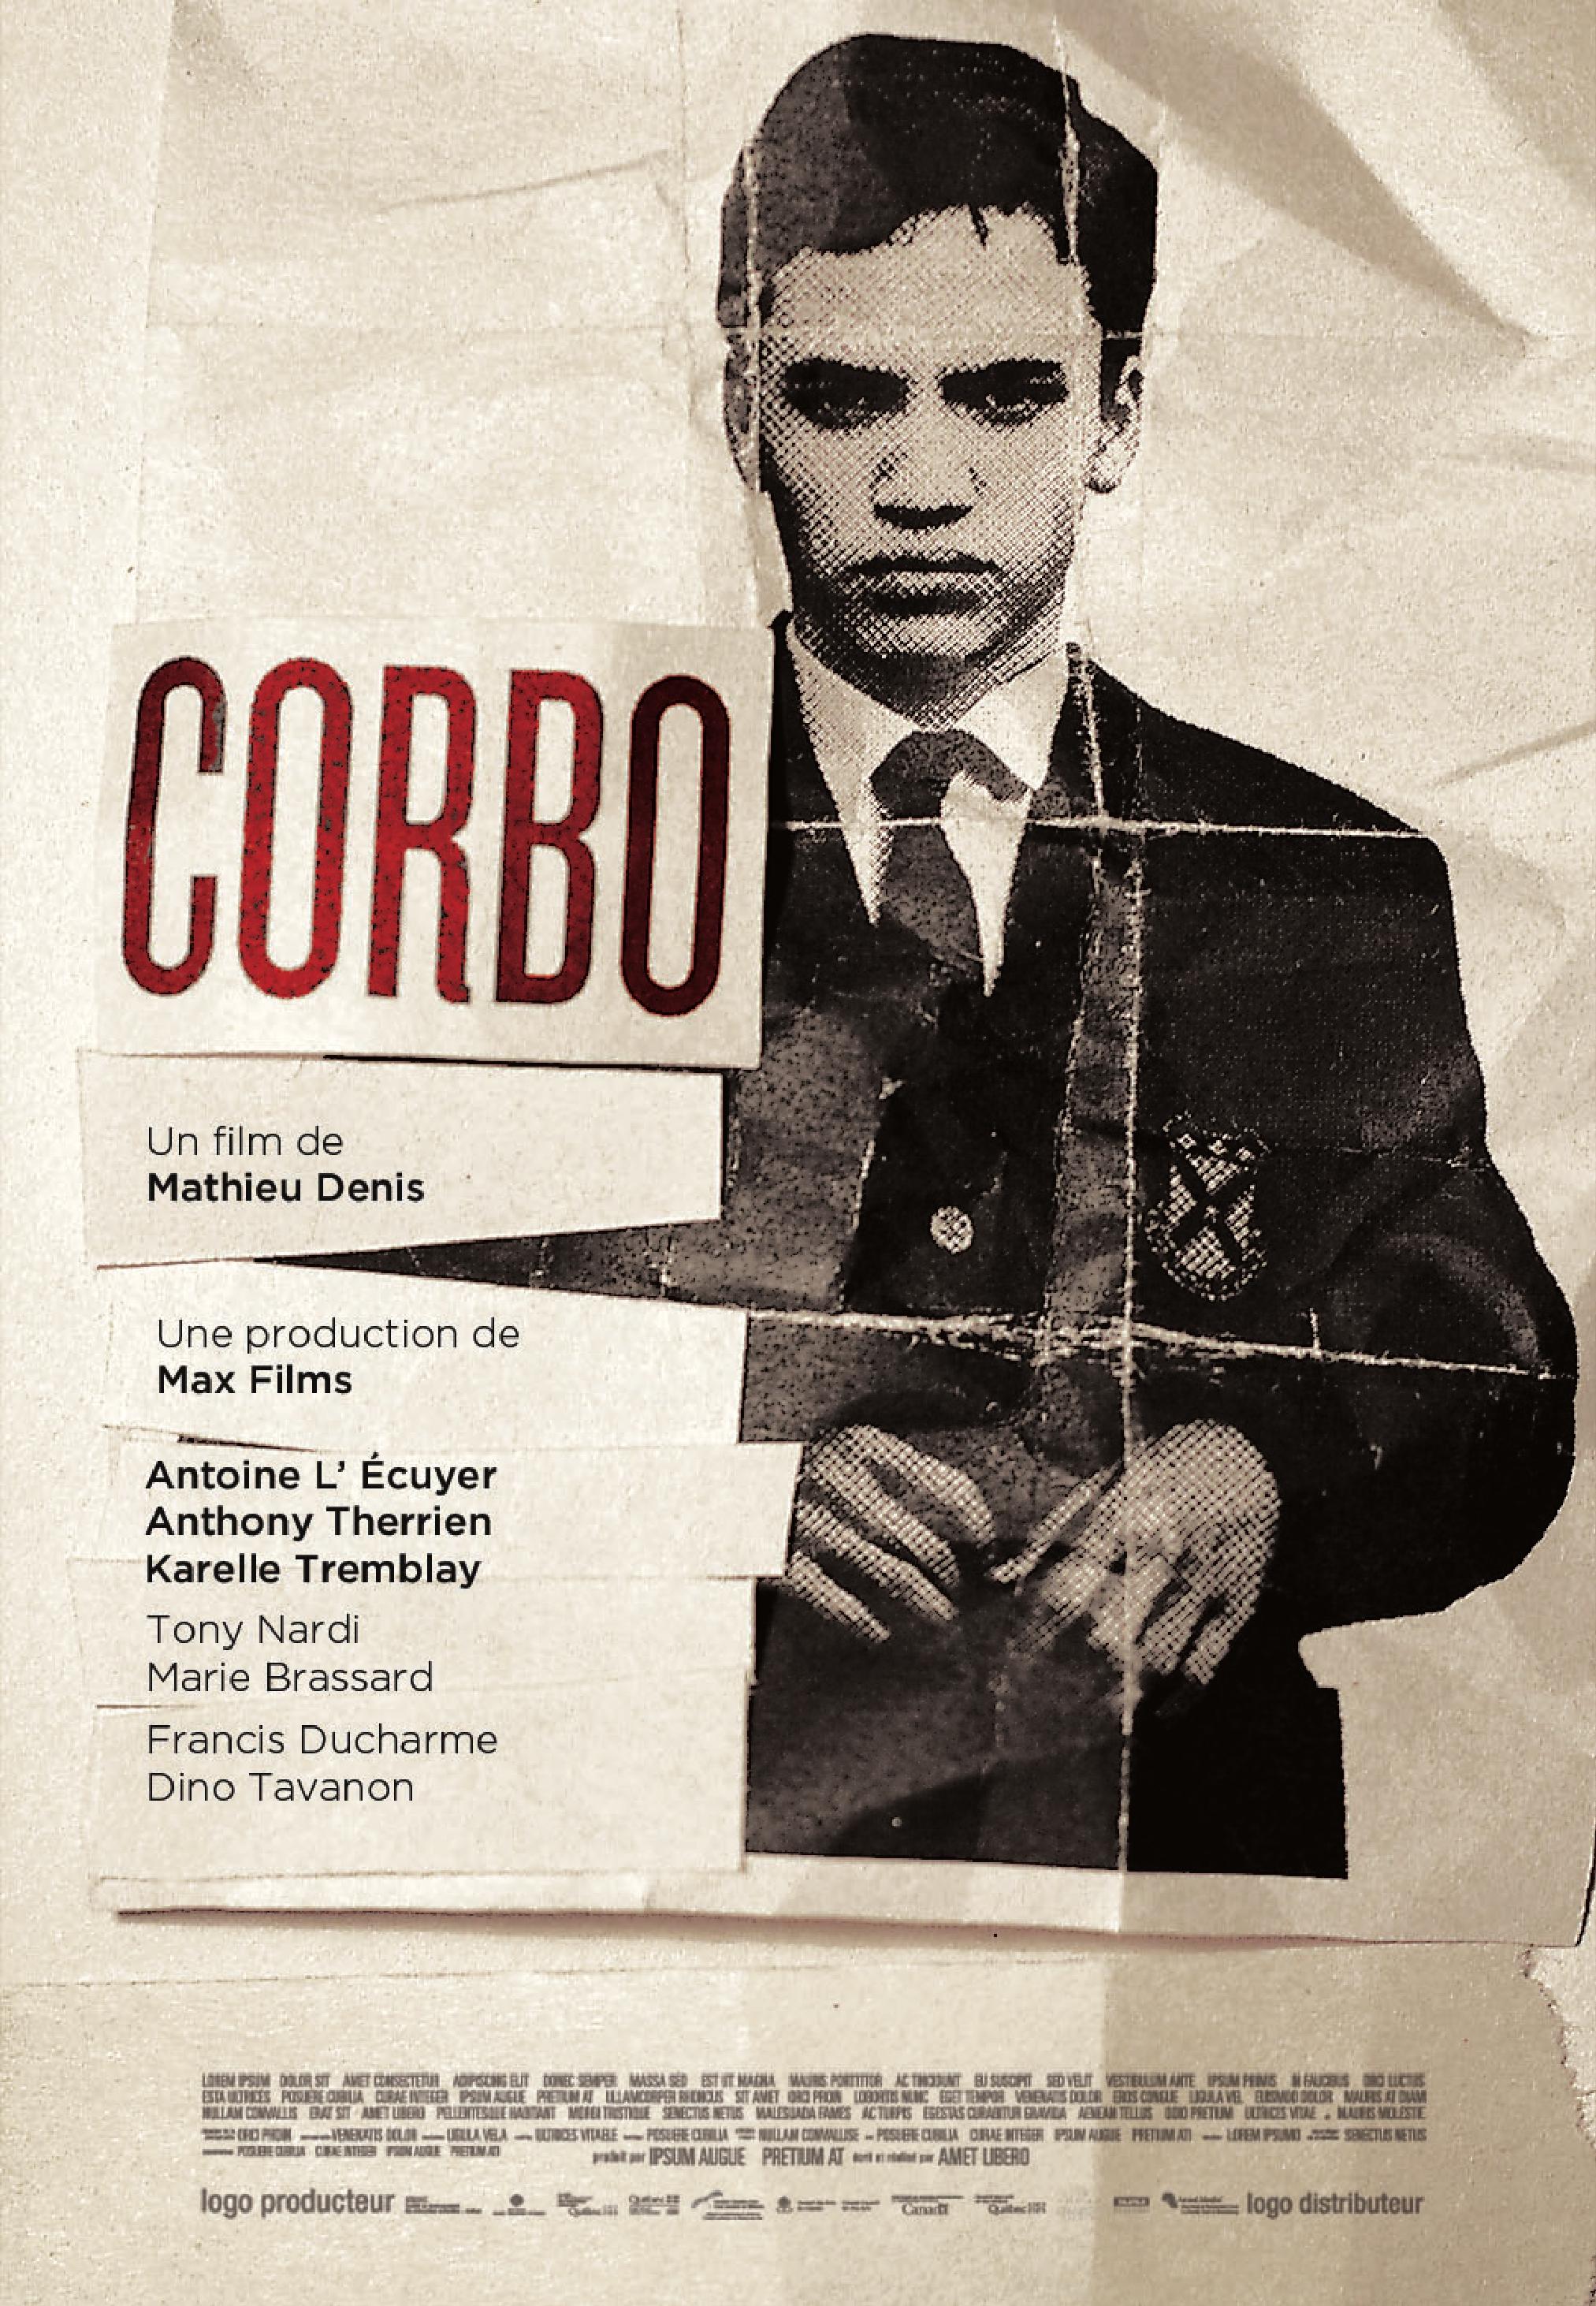 CORBO-Poster-RENZO-27oct_00005.jpg